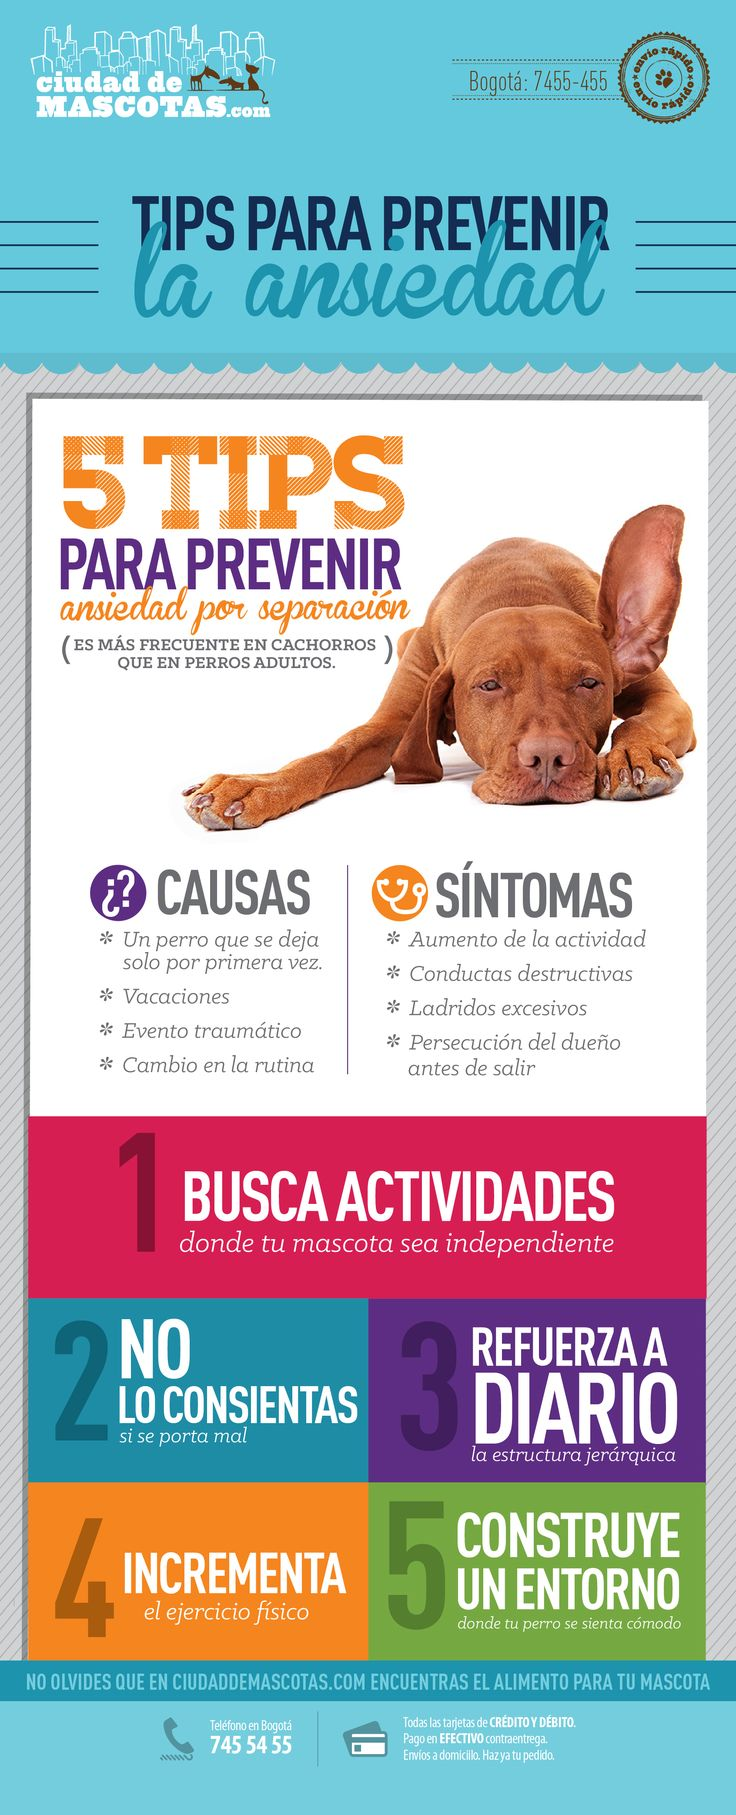 Los perros son animales sociales por esto sufren de ansiedad cuando sus perros los dejan solos. Te damos consejos para evitarlo.